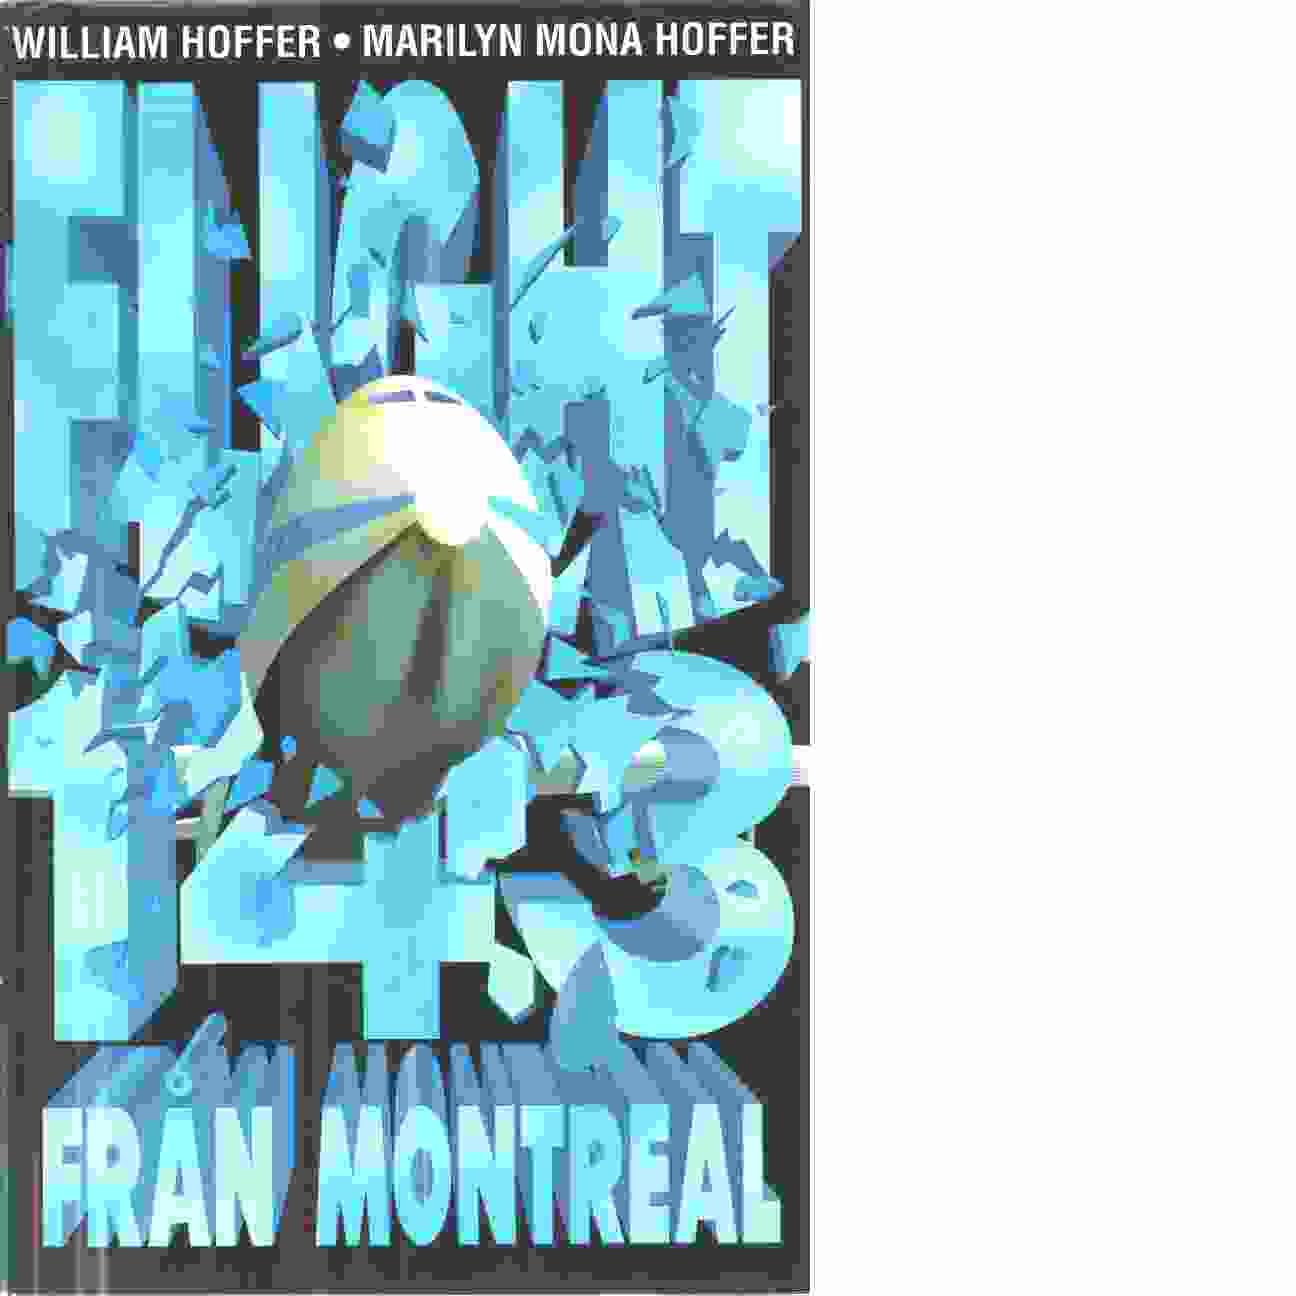 Flight 143 från Montreal : en sann historia  - Hoffer, William och Hoffer, Marilyn Mona